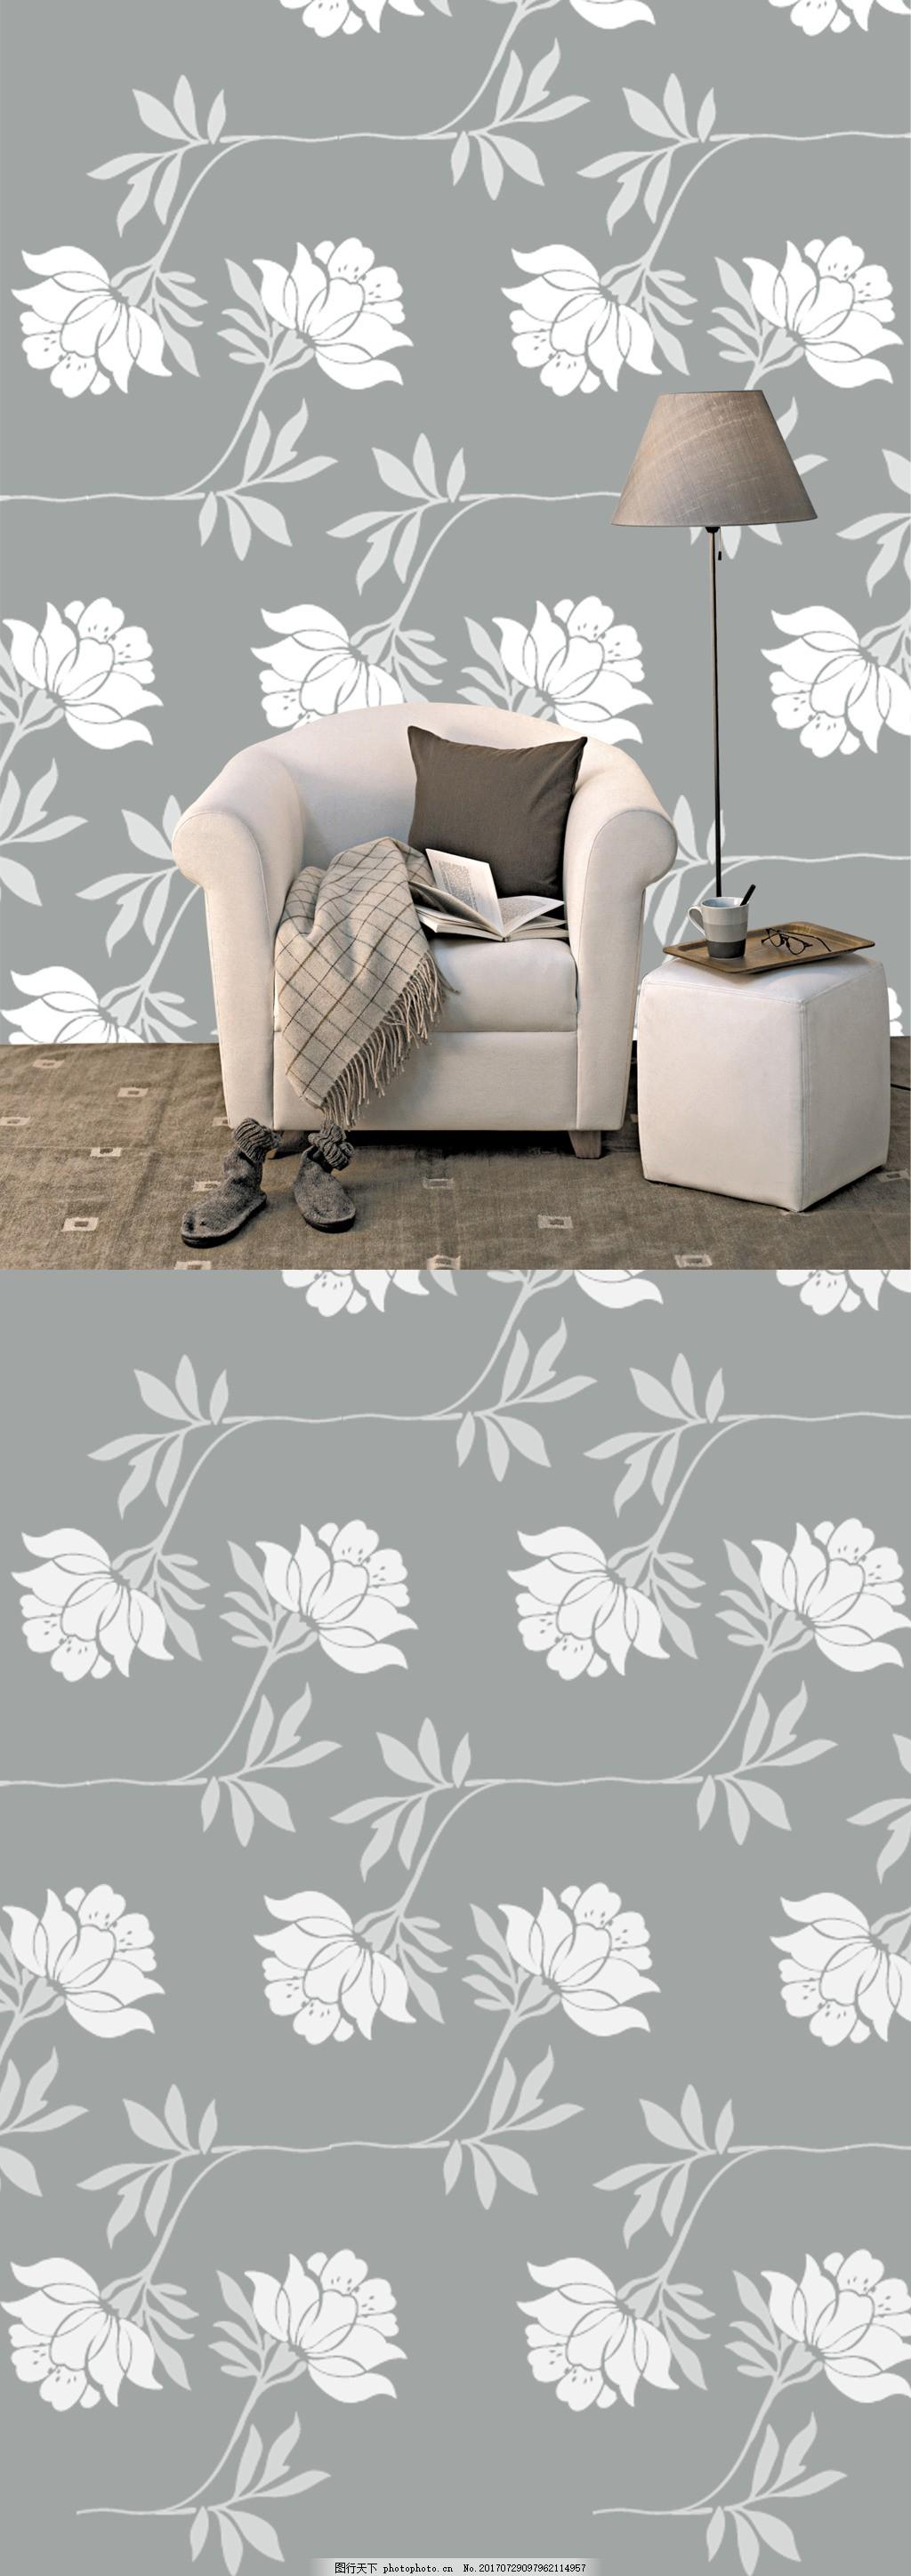 现代简约灰白大气沙发背景墙 米色 白色 淡雅线条 花纹 白色淡雅